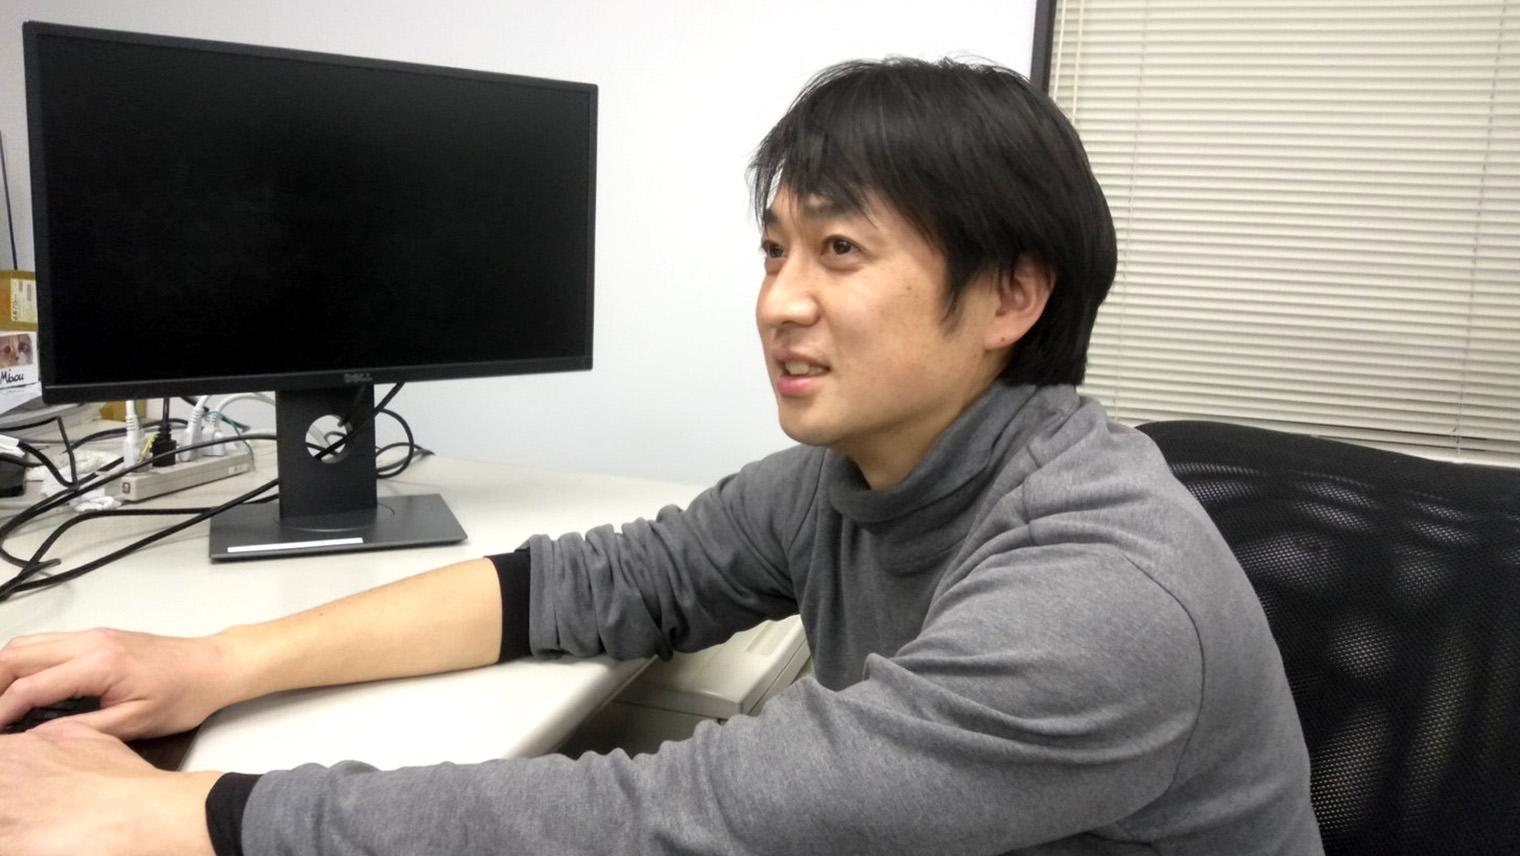 矢幡潤さんがオフィスで話をしている写真